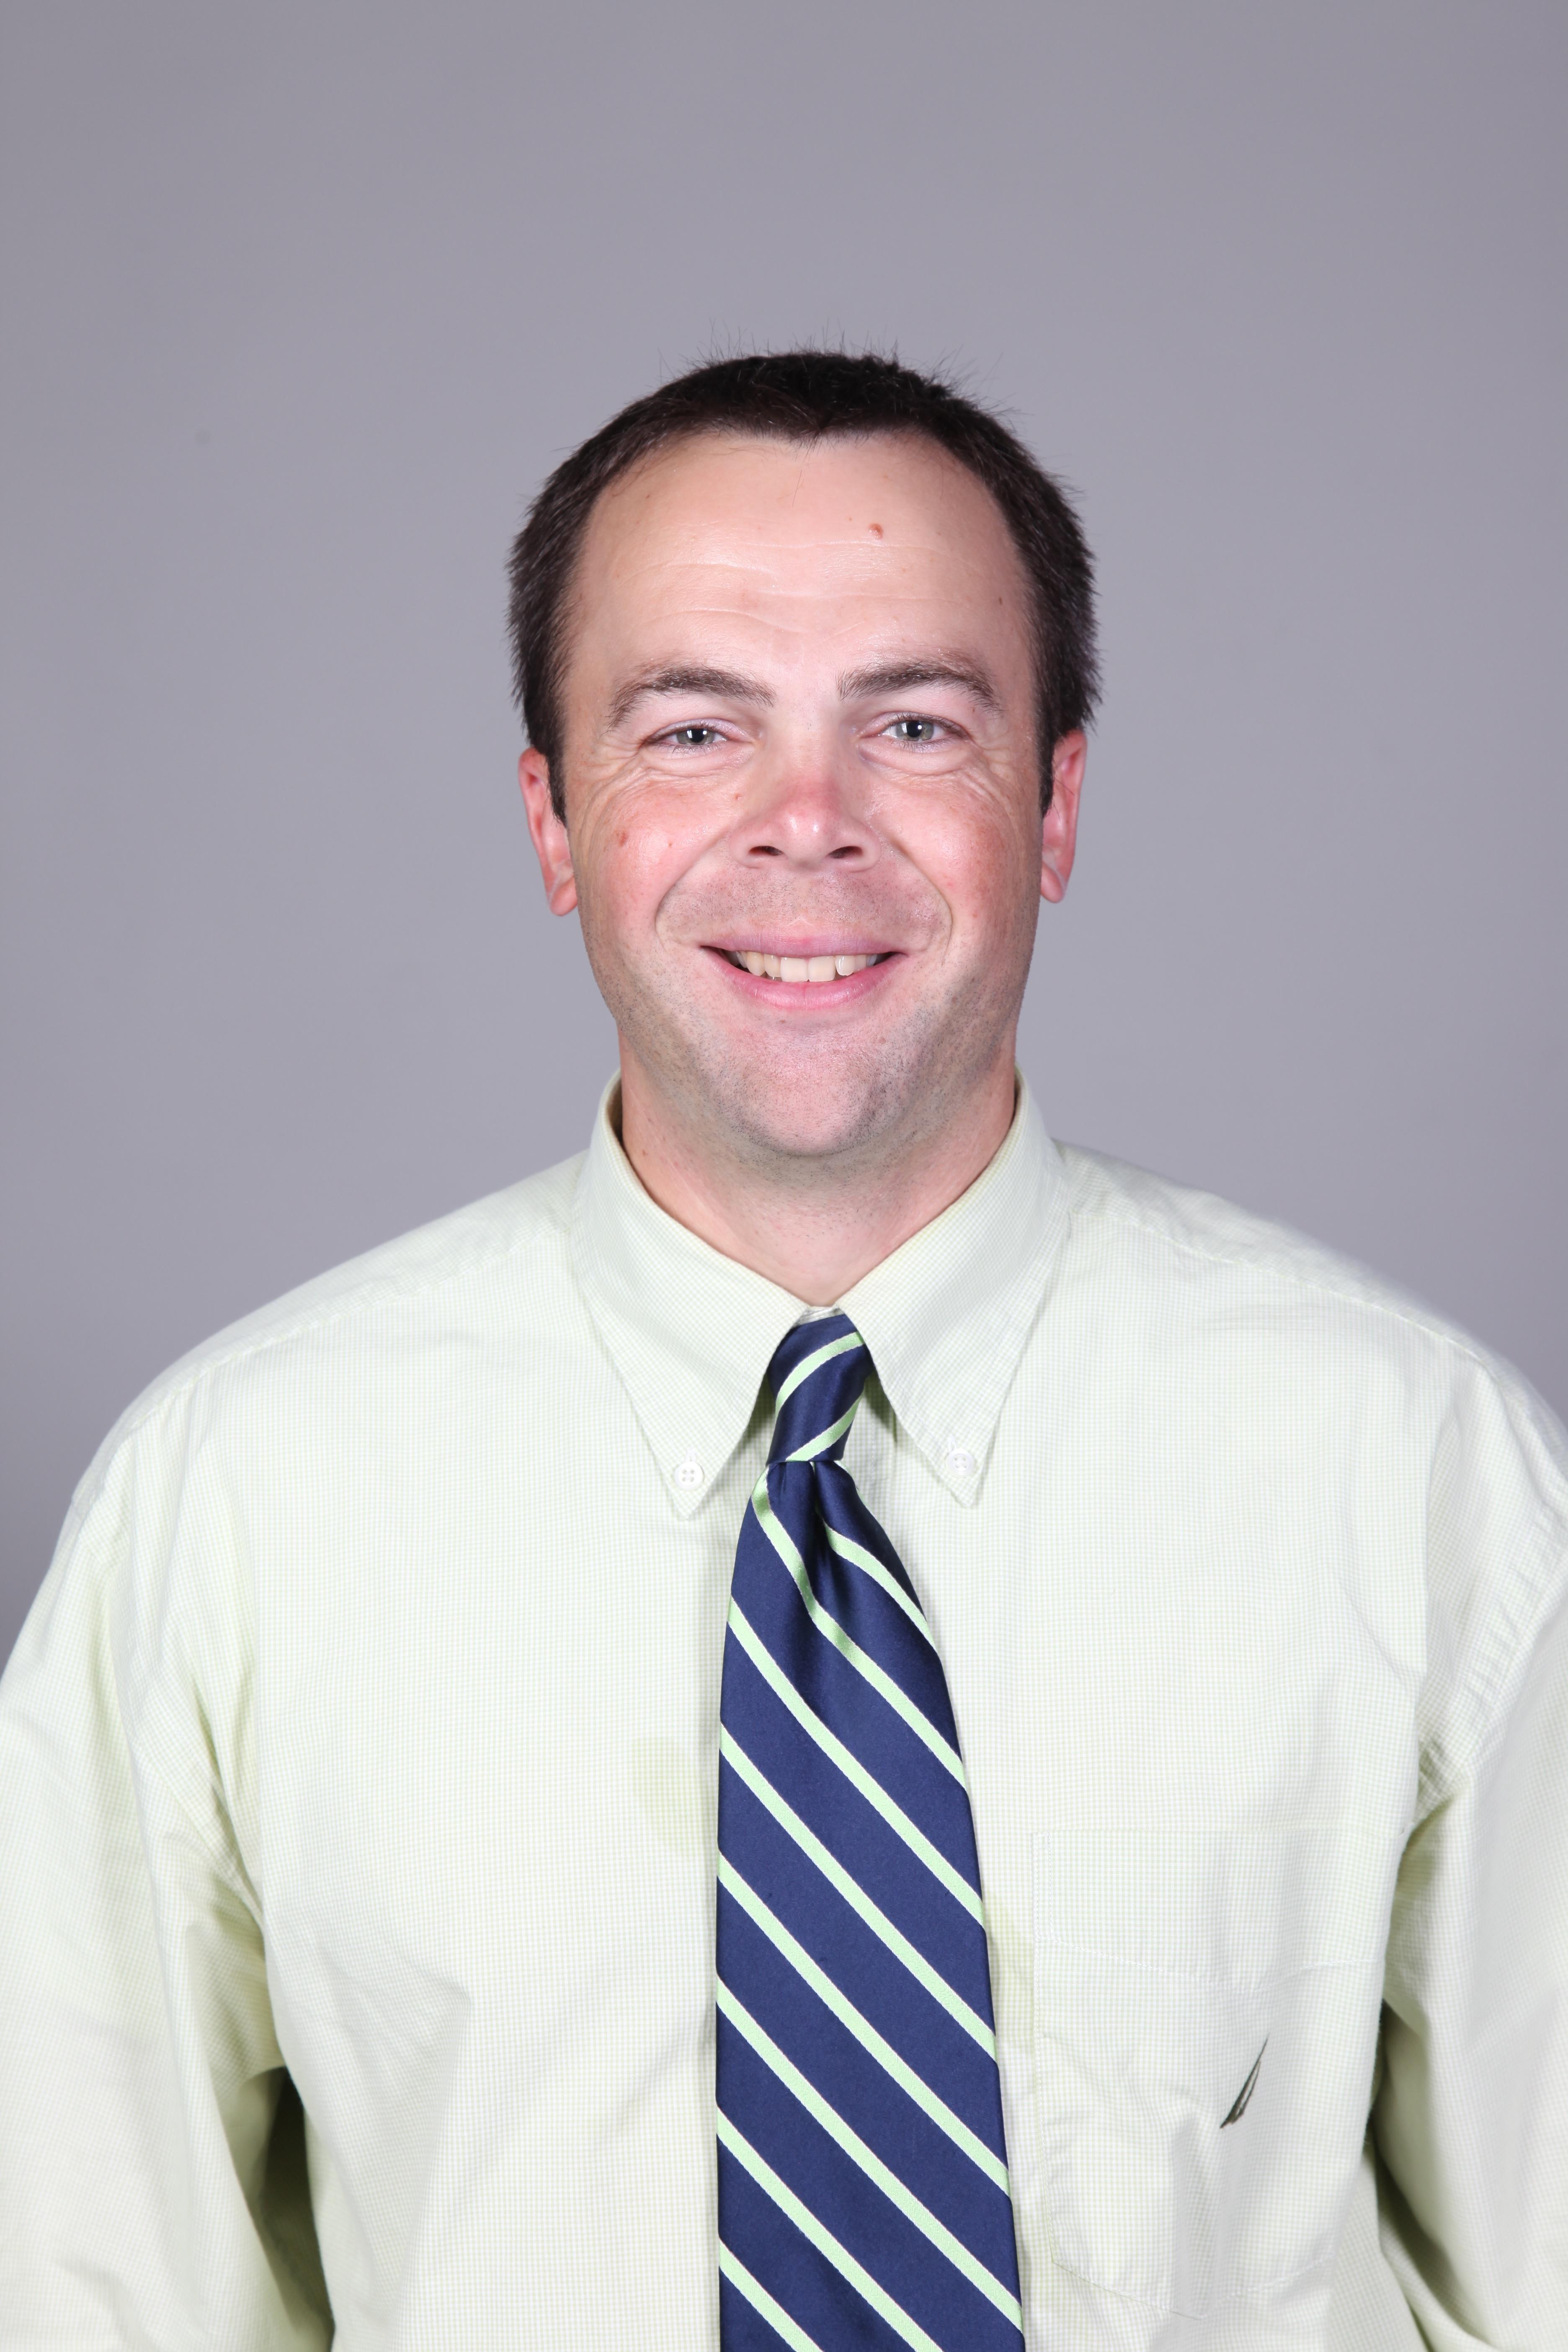 Matt Stott